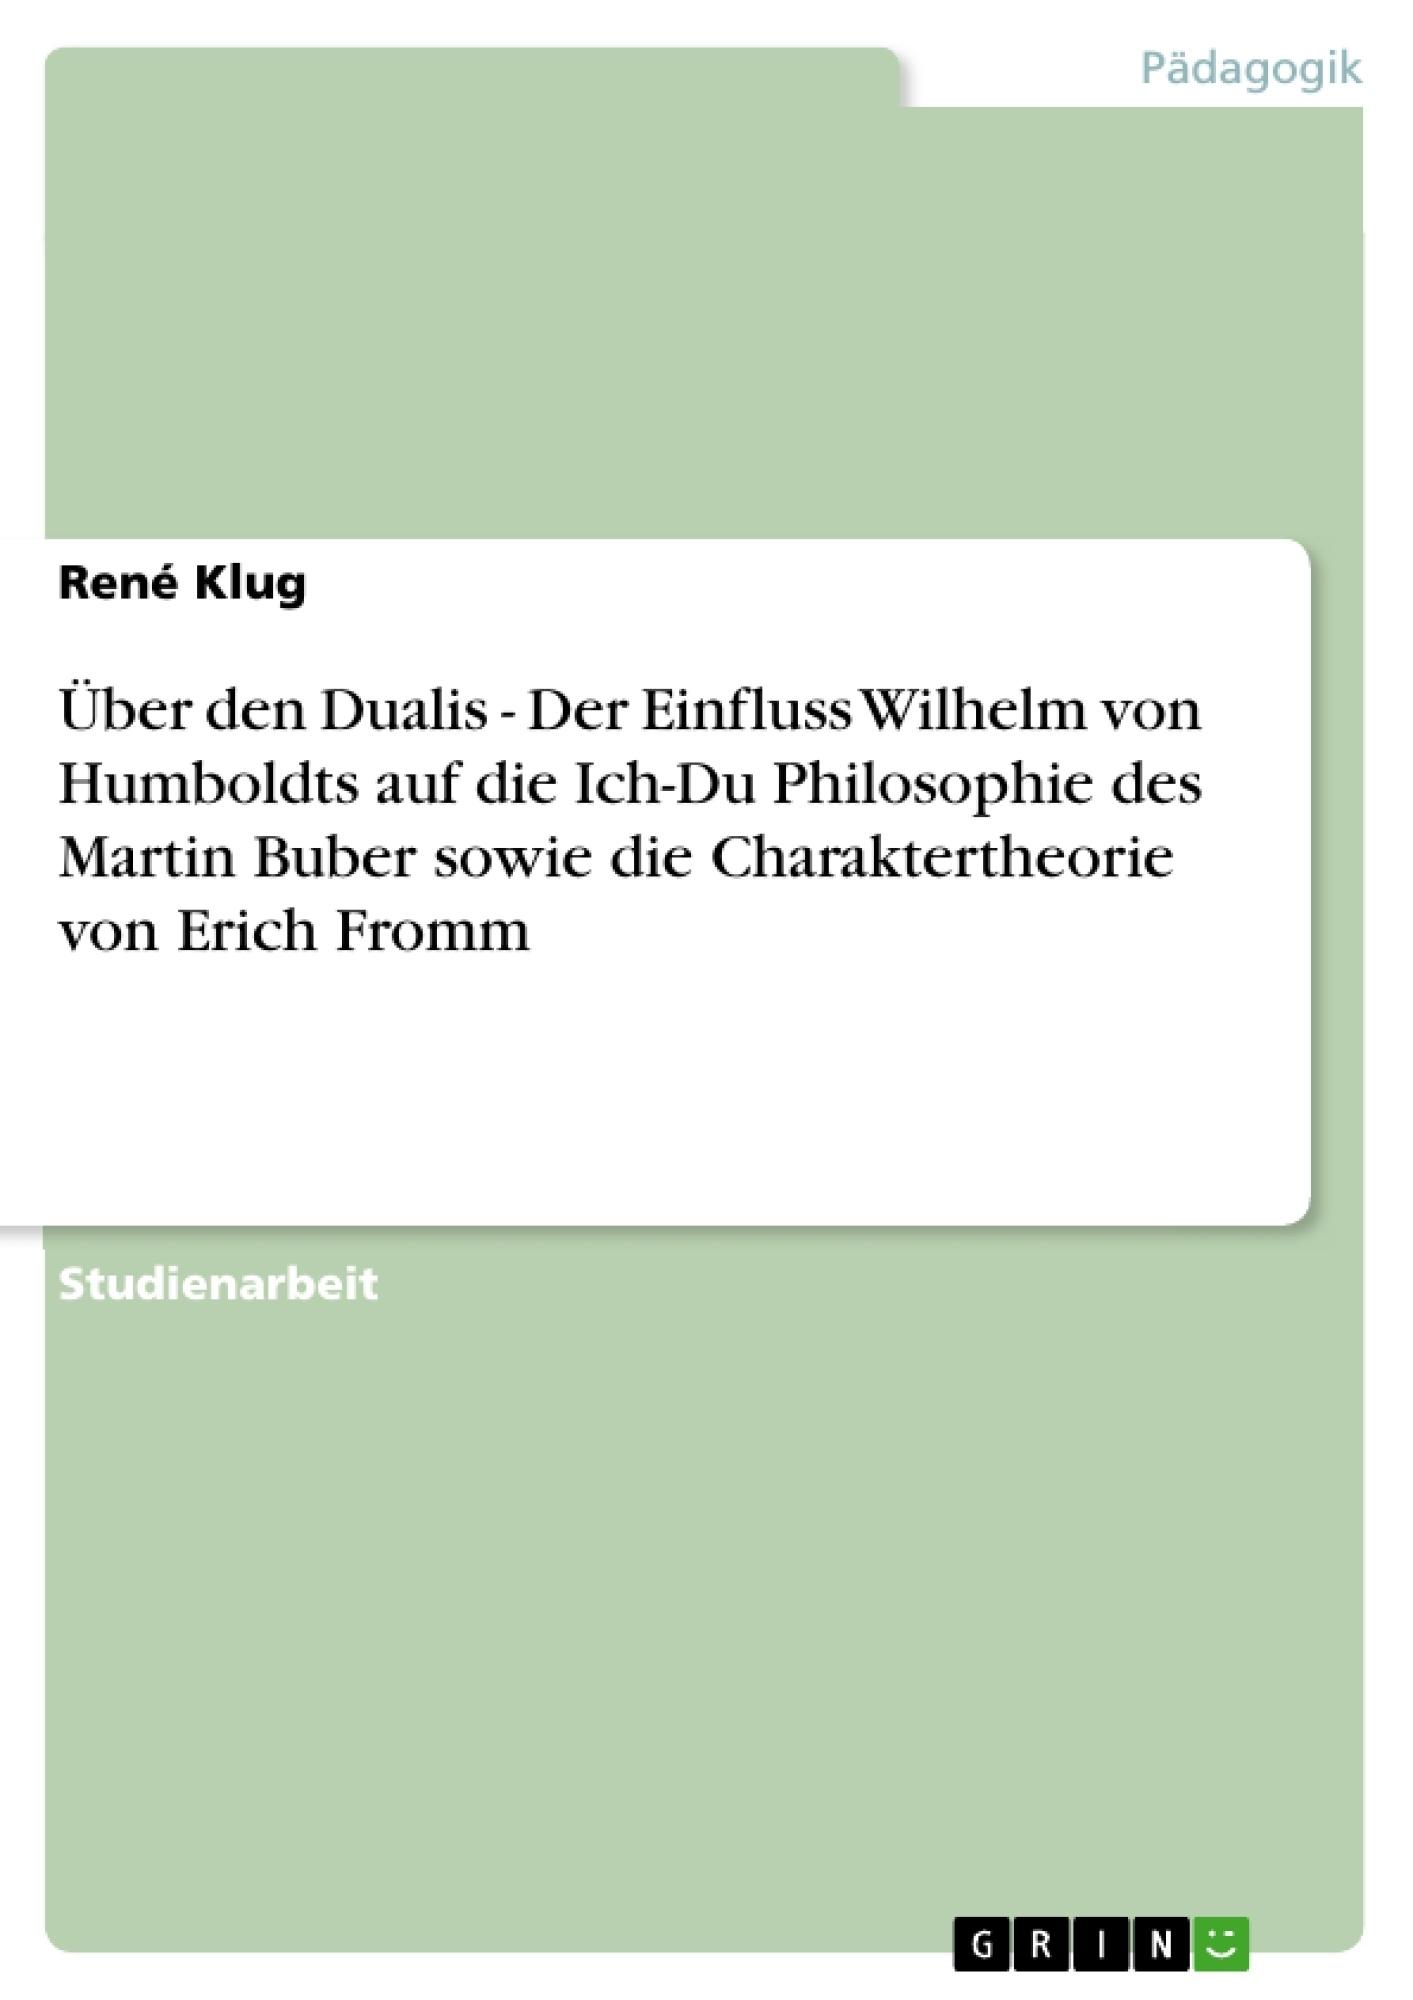 Titel: Über den Dualis - Der Einfluss Wilhelm von Humboldts auf die Ich-Du Philosophie des Martin Buber sowie die Charaktertheorie von Erich Fromm